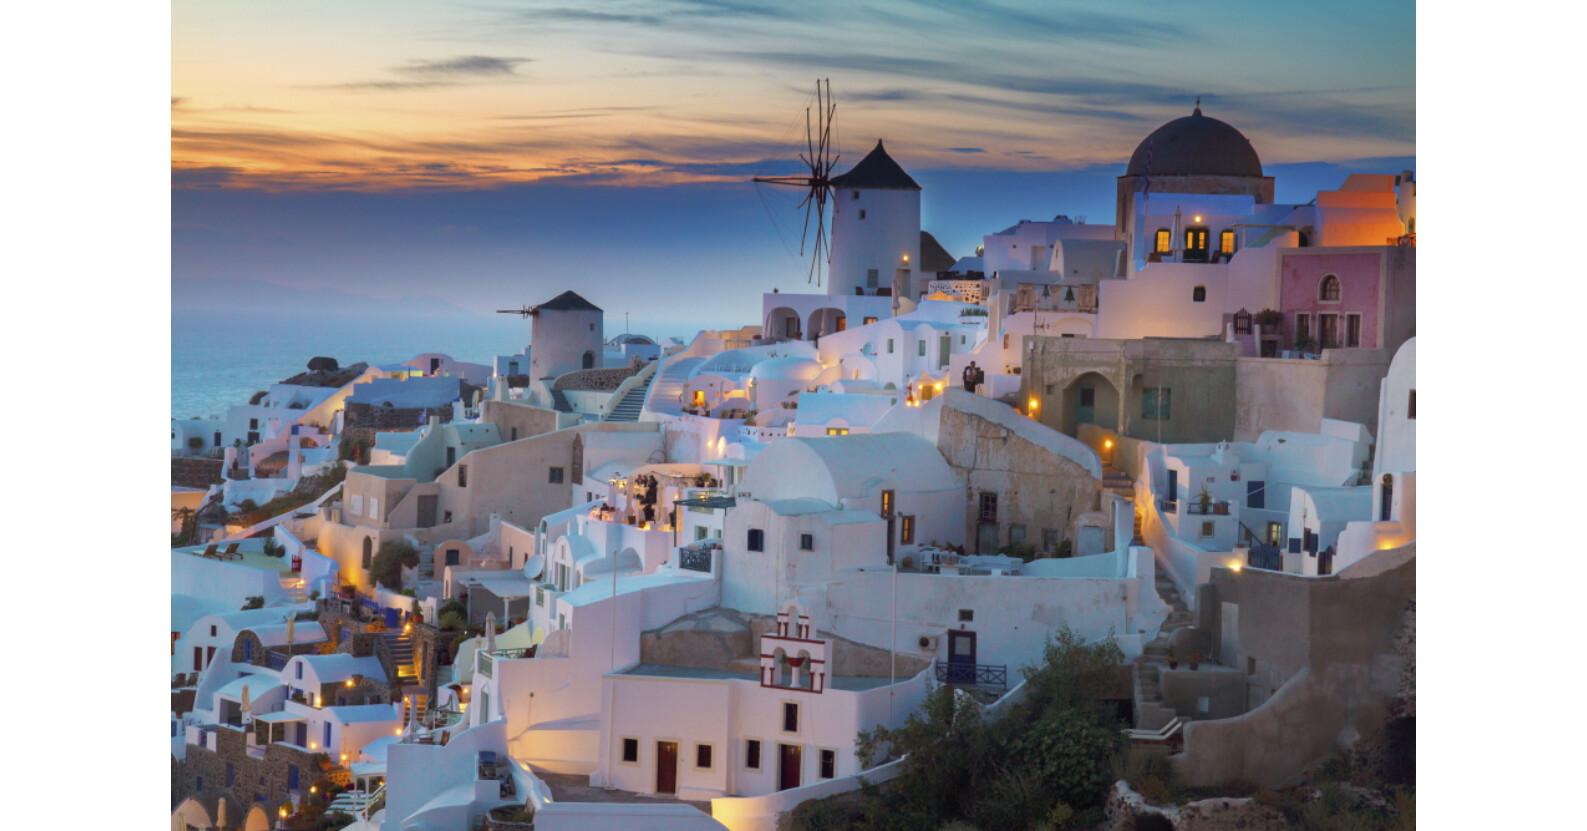 империи рассматривая красочные постеры путеводителях турции невозможно канатная дорога